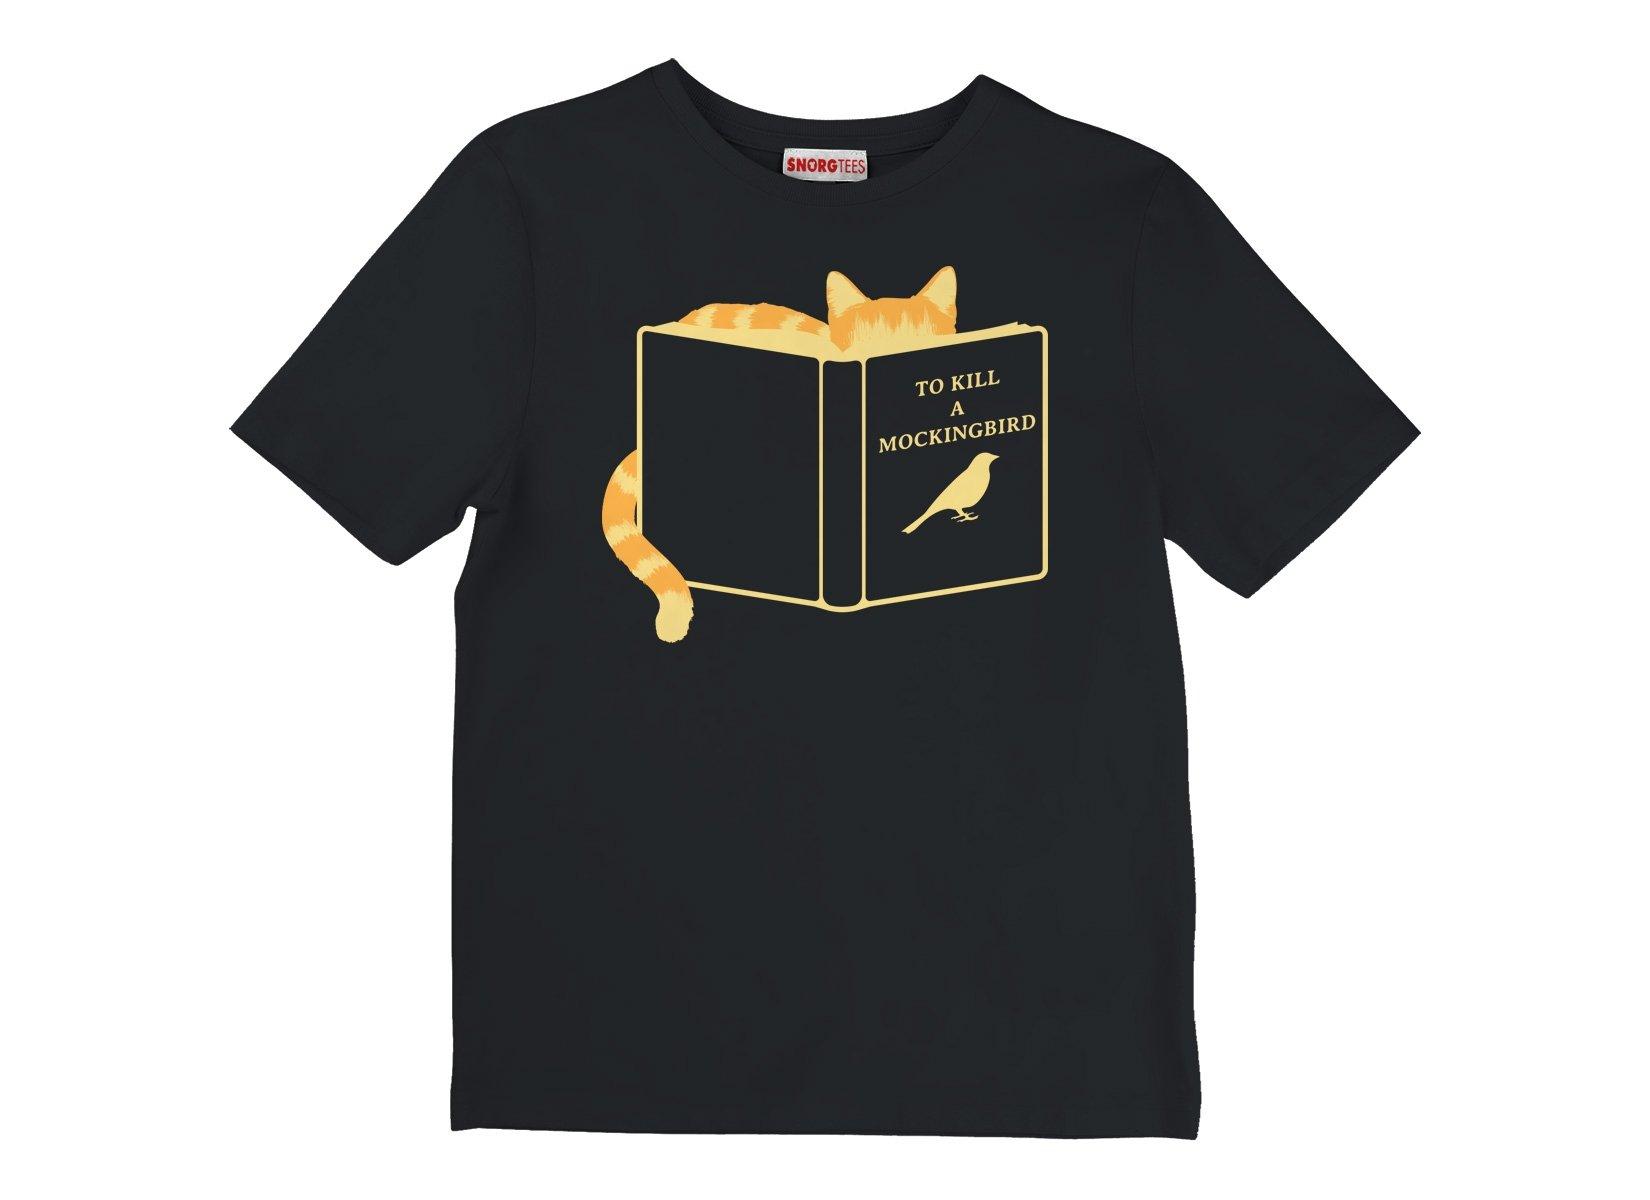 To Kill A Mockingbird on Kids T-Shirt